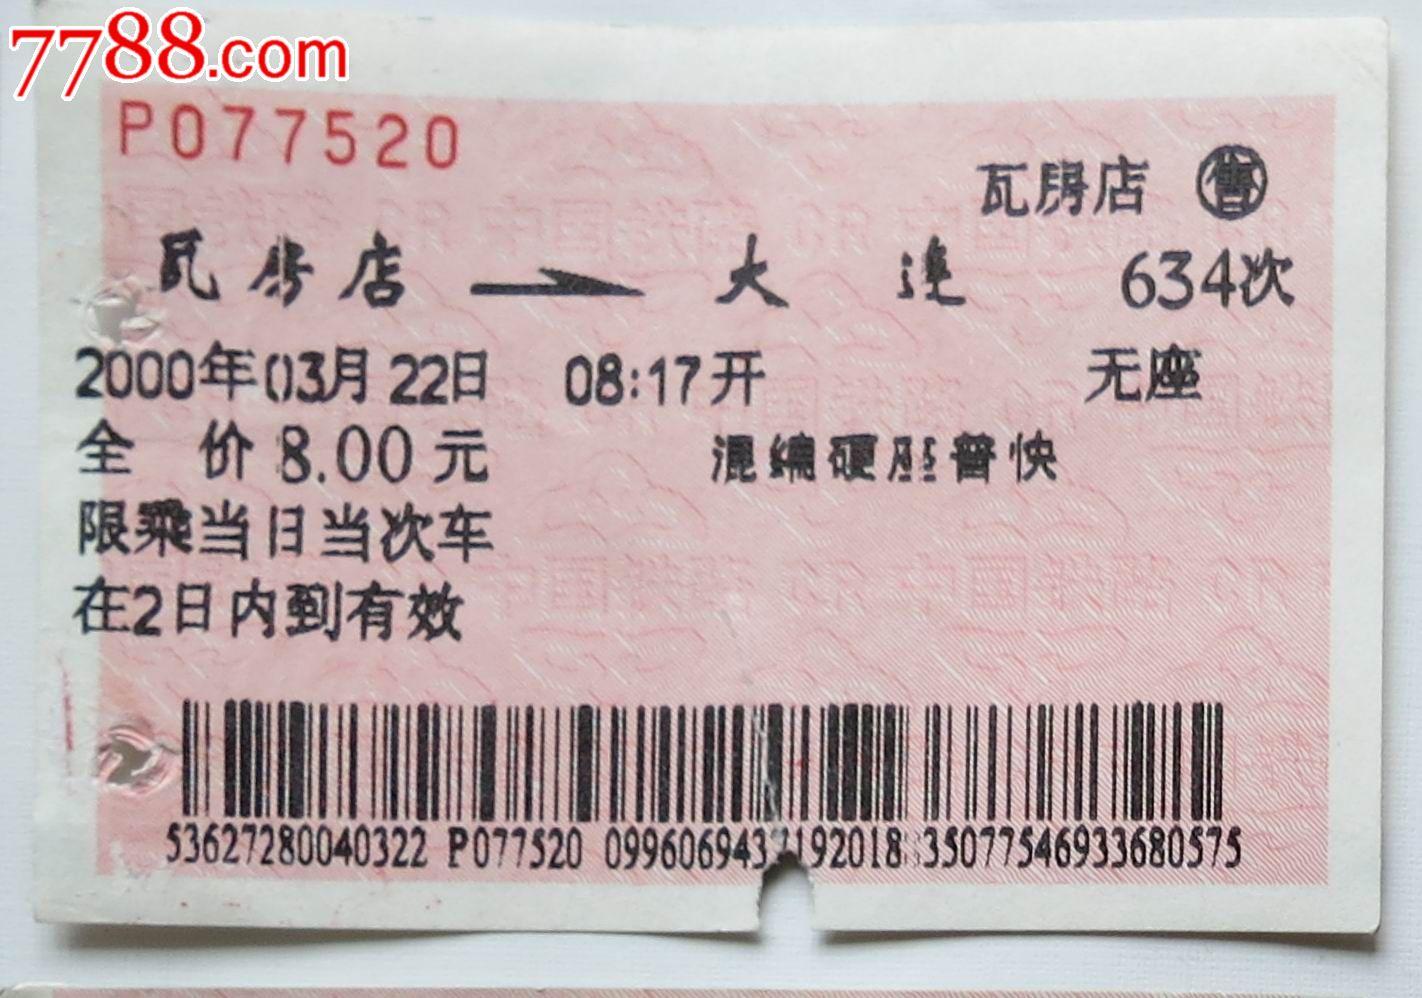 2000年瓦房店—大连混编硬座普快火车票